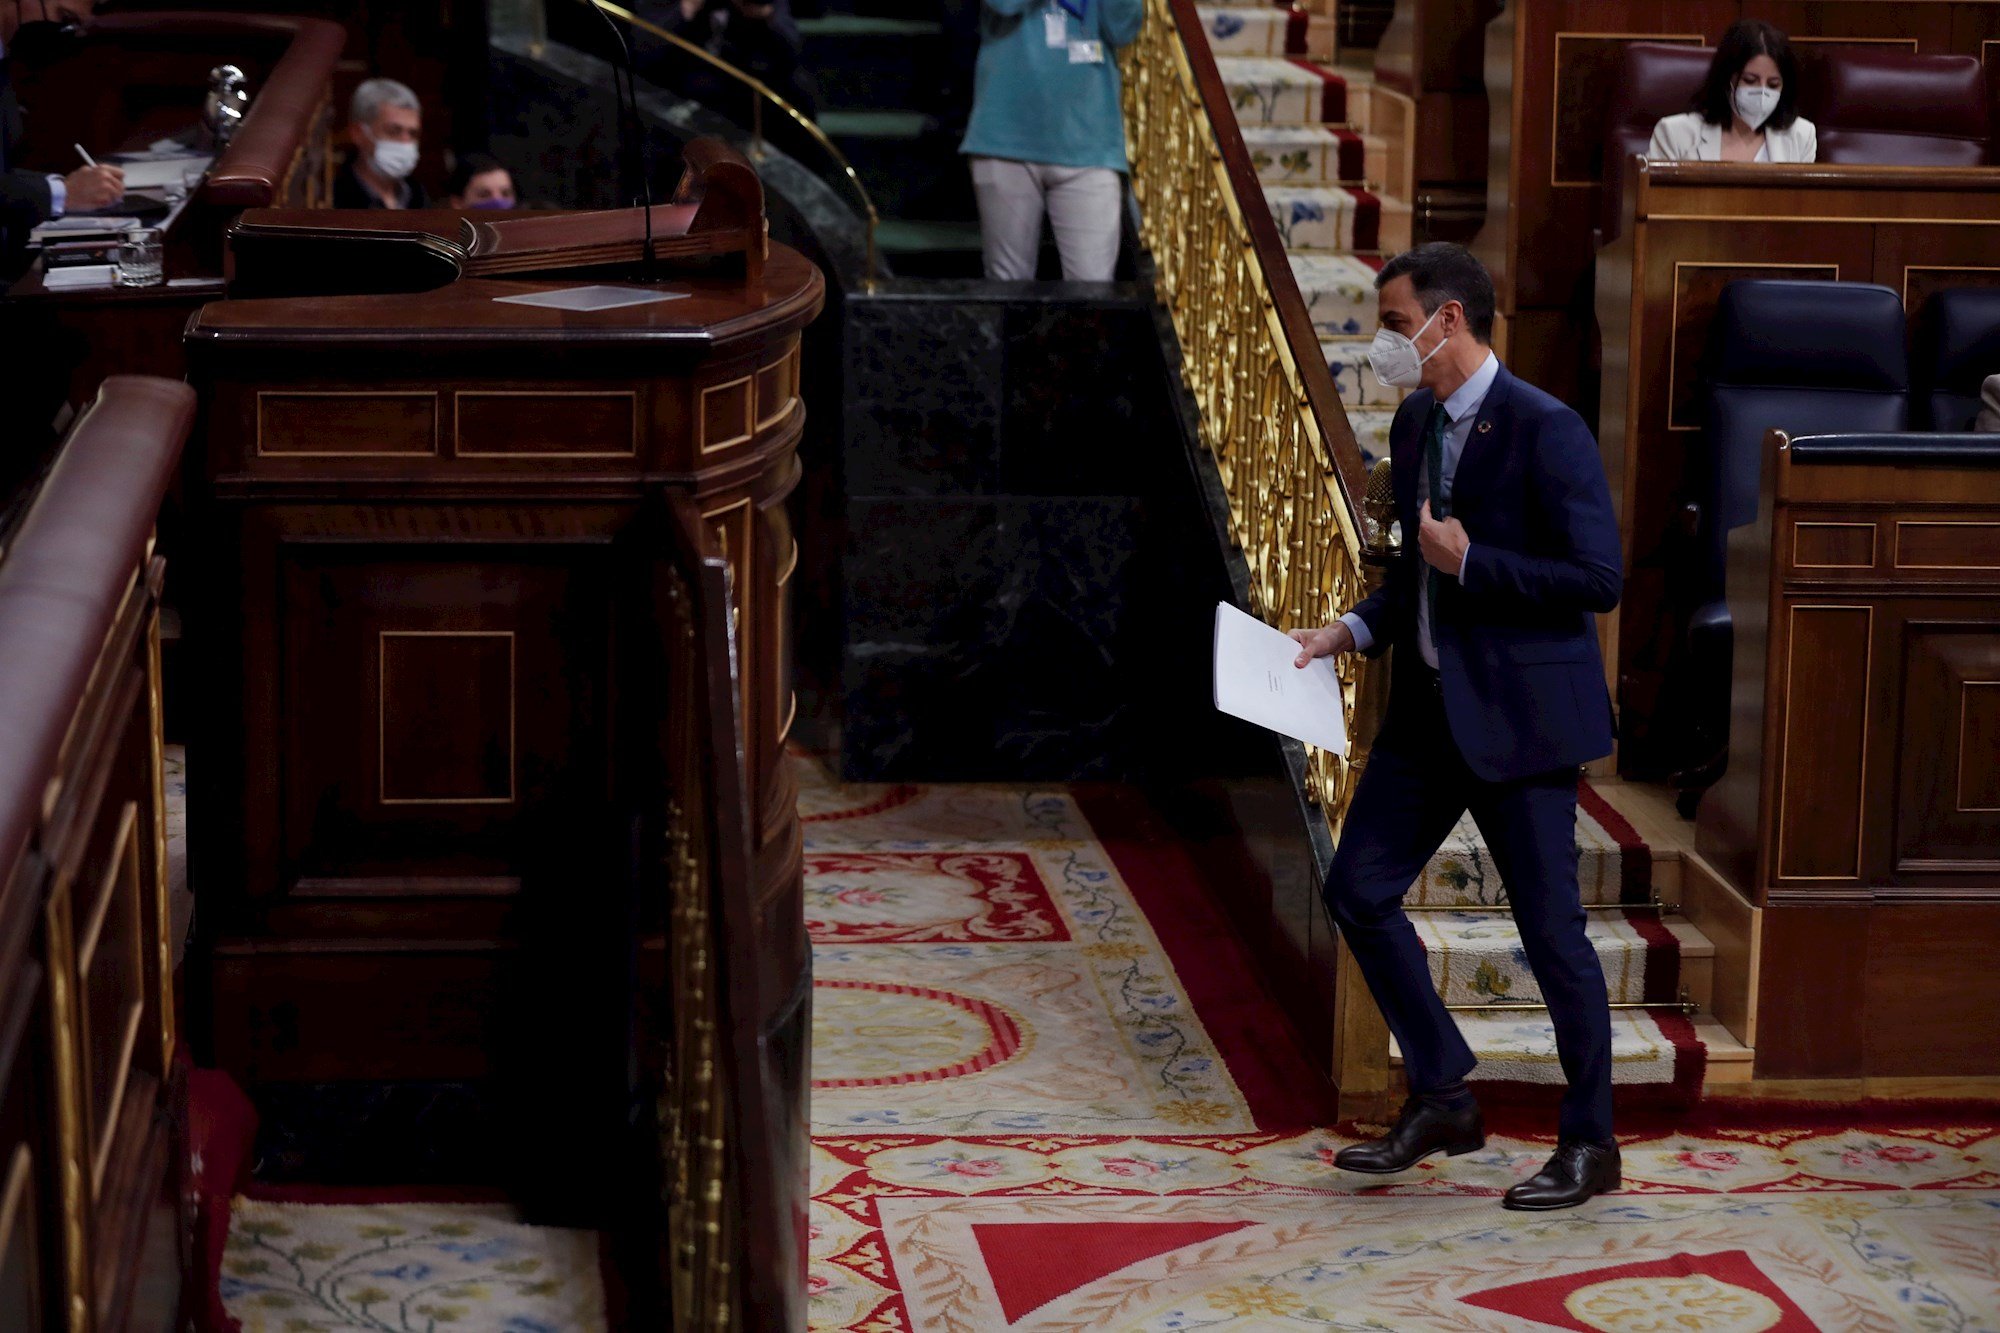 El presidente del Gobierno, Pedro Sánchez antes de su intervención este miércoles a la sesión de control en el Congreso de los Diputados. EFE/Emilio Naranjo